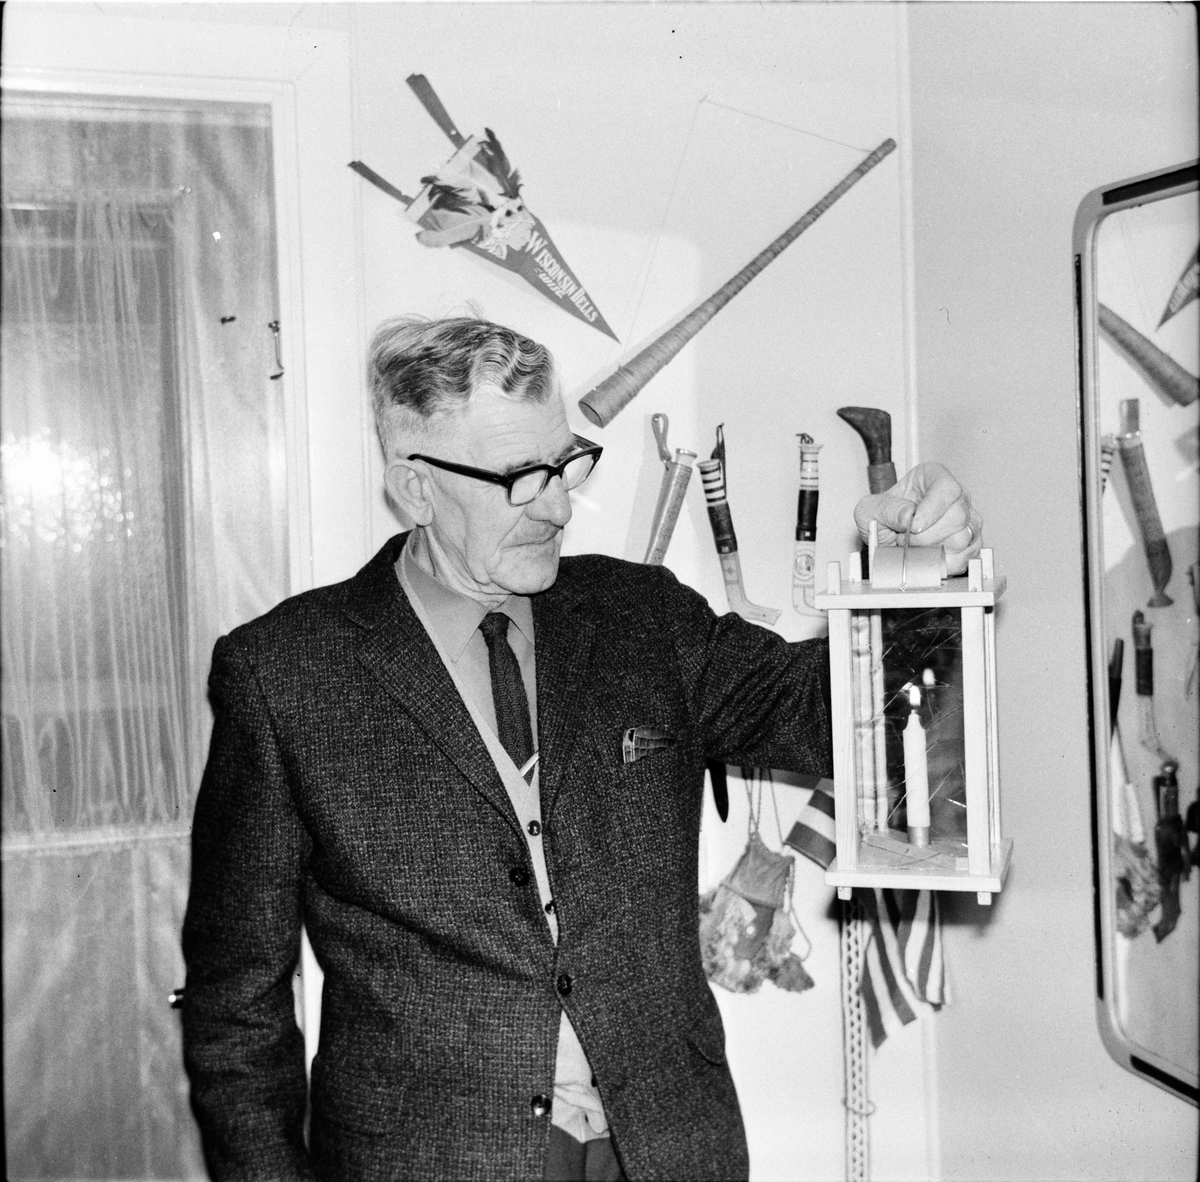 Arbrå, Johan Asplin med stallykta, 23 December 1967